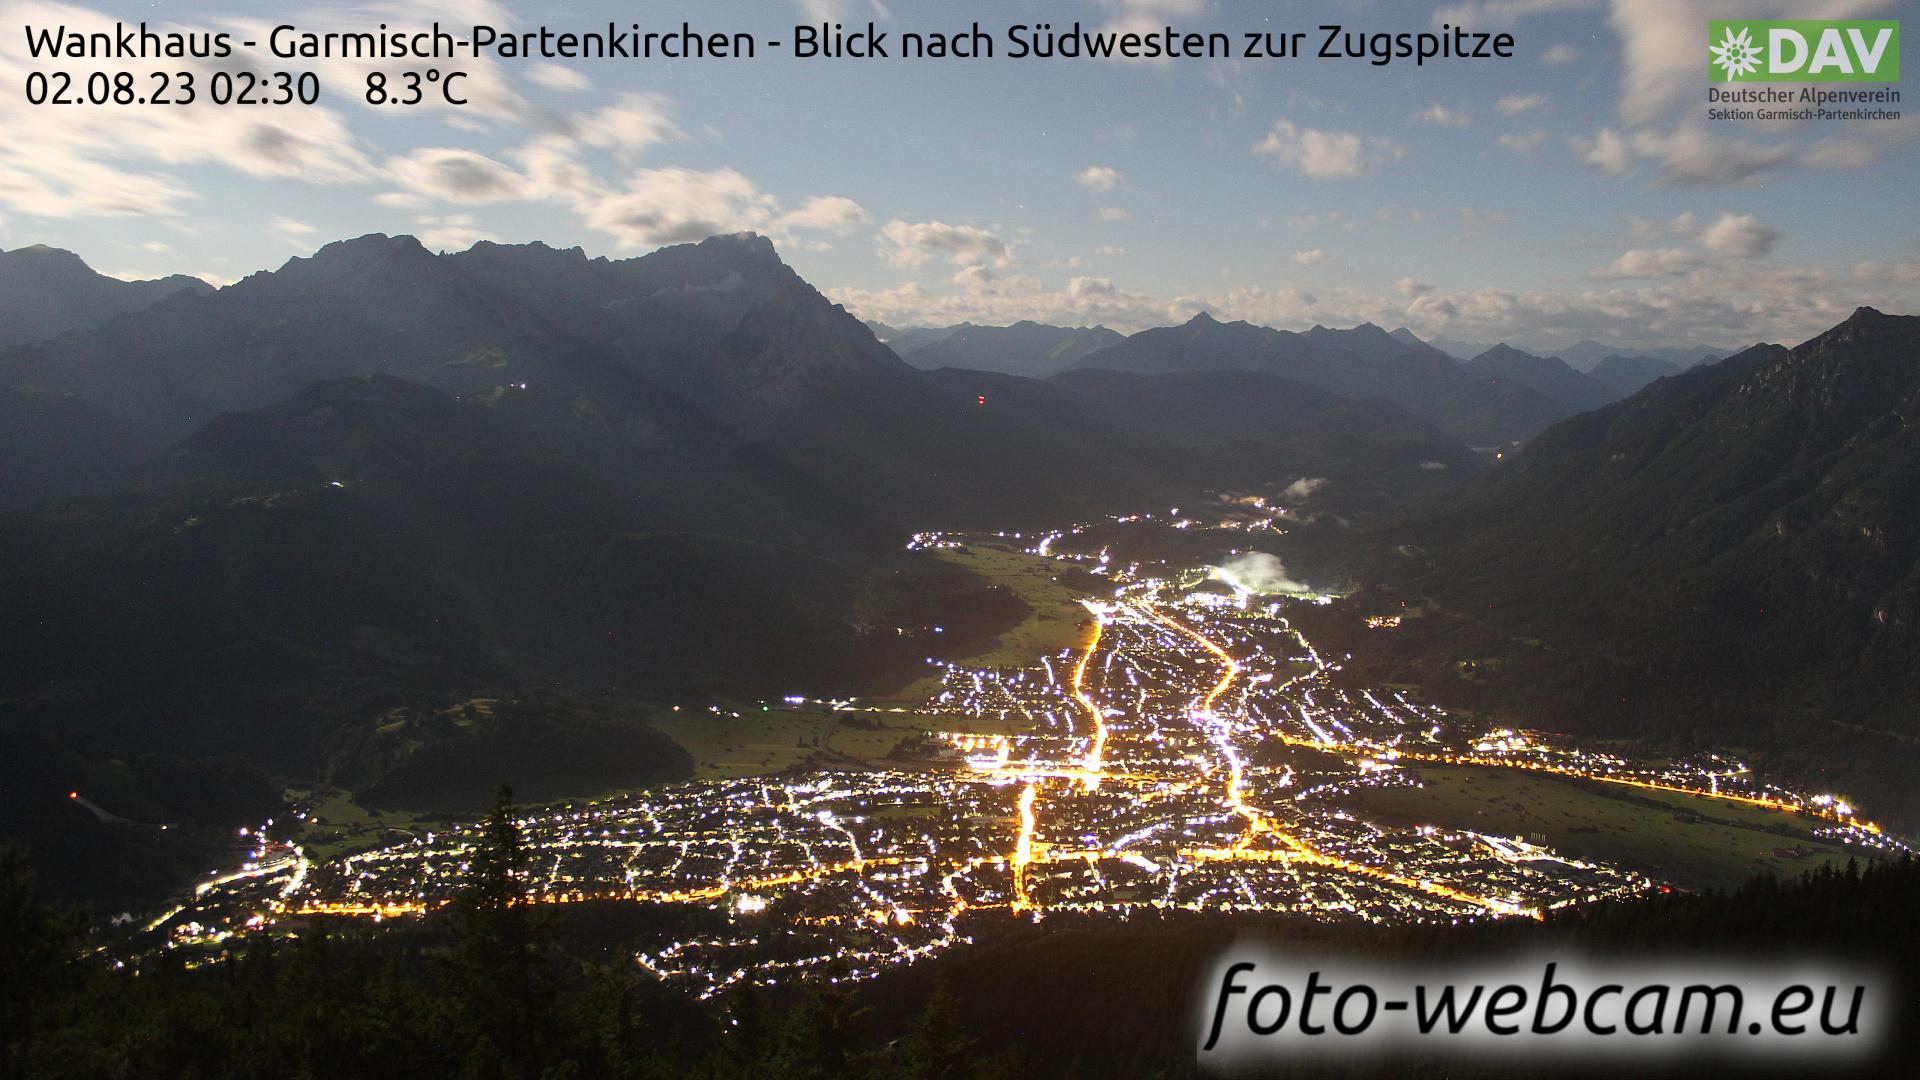 Garmisch-Partenkirchen Tue. 02:52